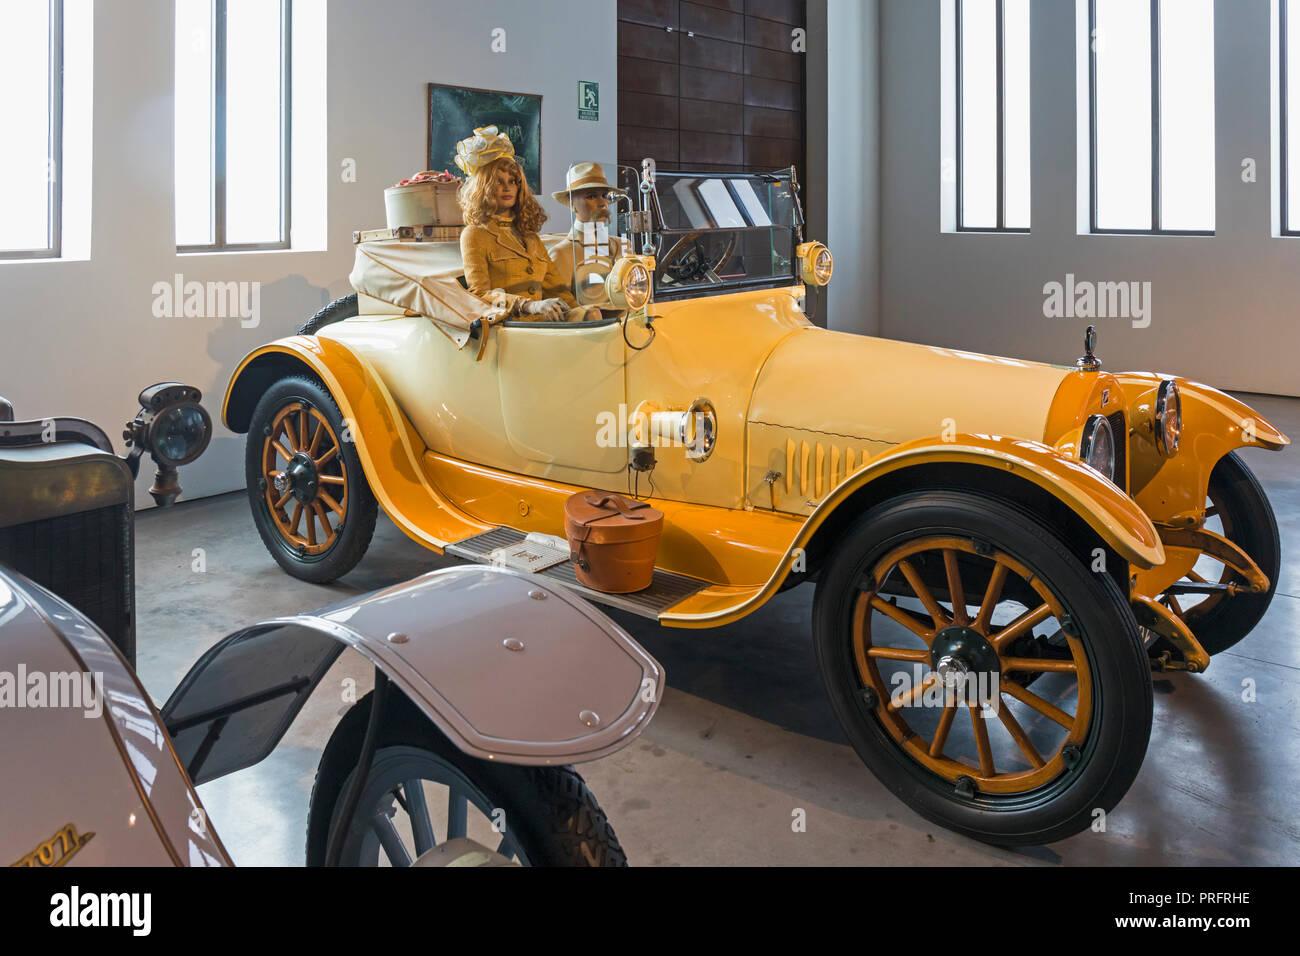 Museo Automovilistico y de la Moda, Malaga, la province de Malaga, Espagne. Automobile et le Musée de la mode. 6 cylindres, 45 ch, 3700 cc Modèle D44 American Bui Photo Stock